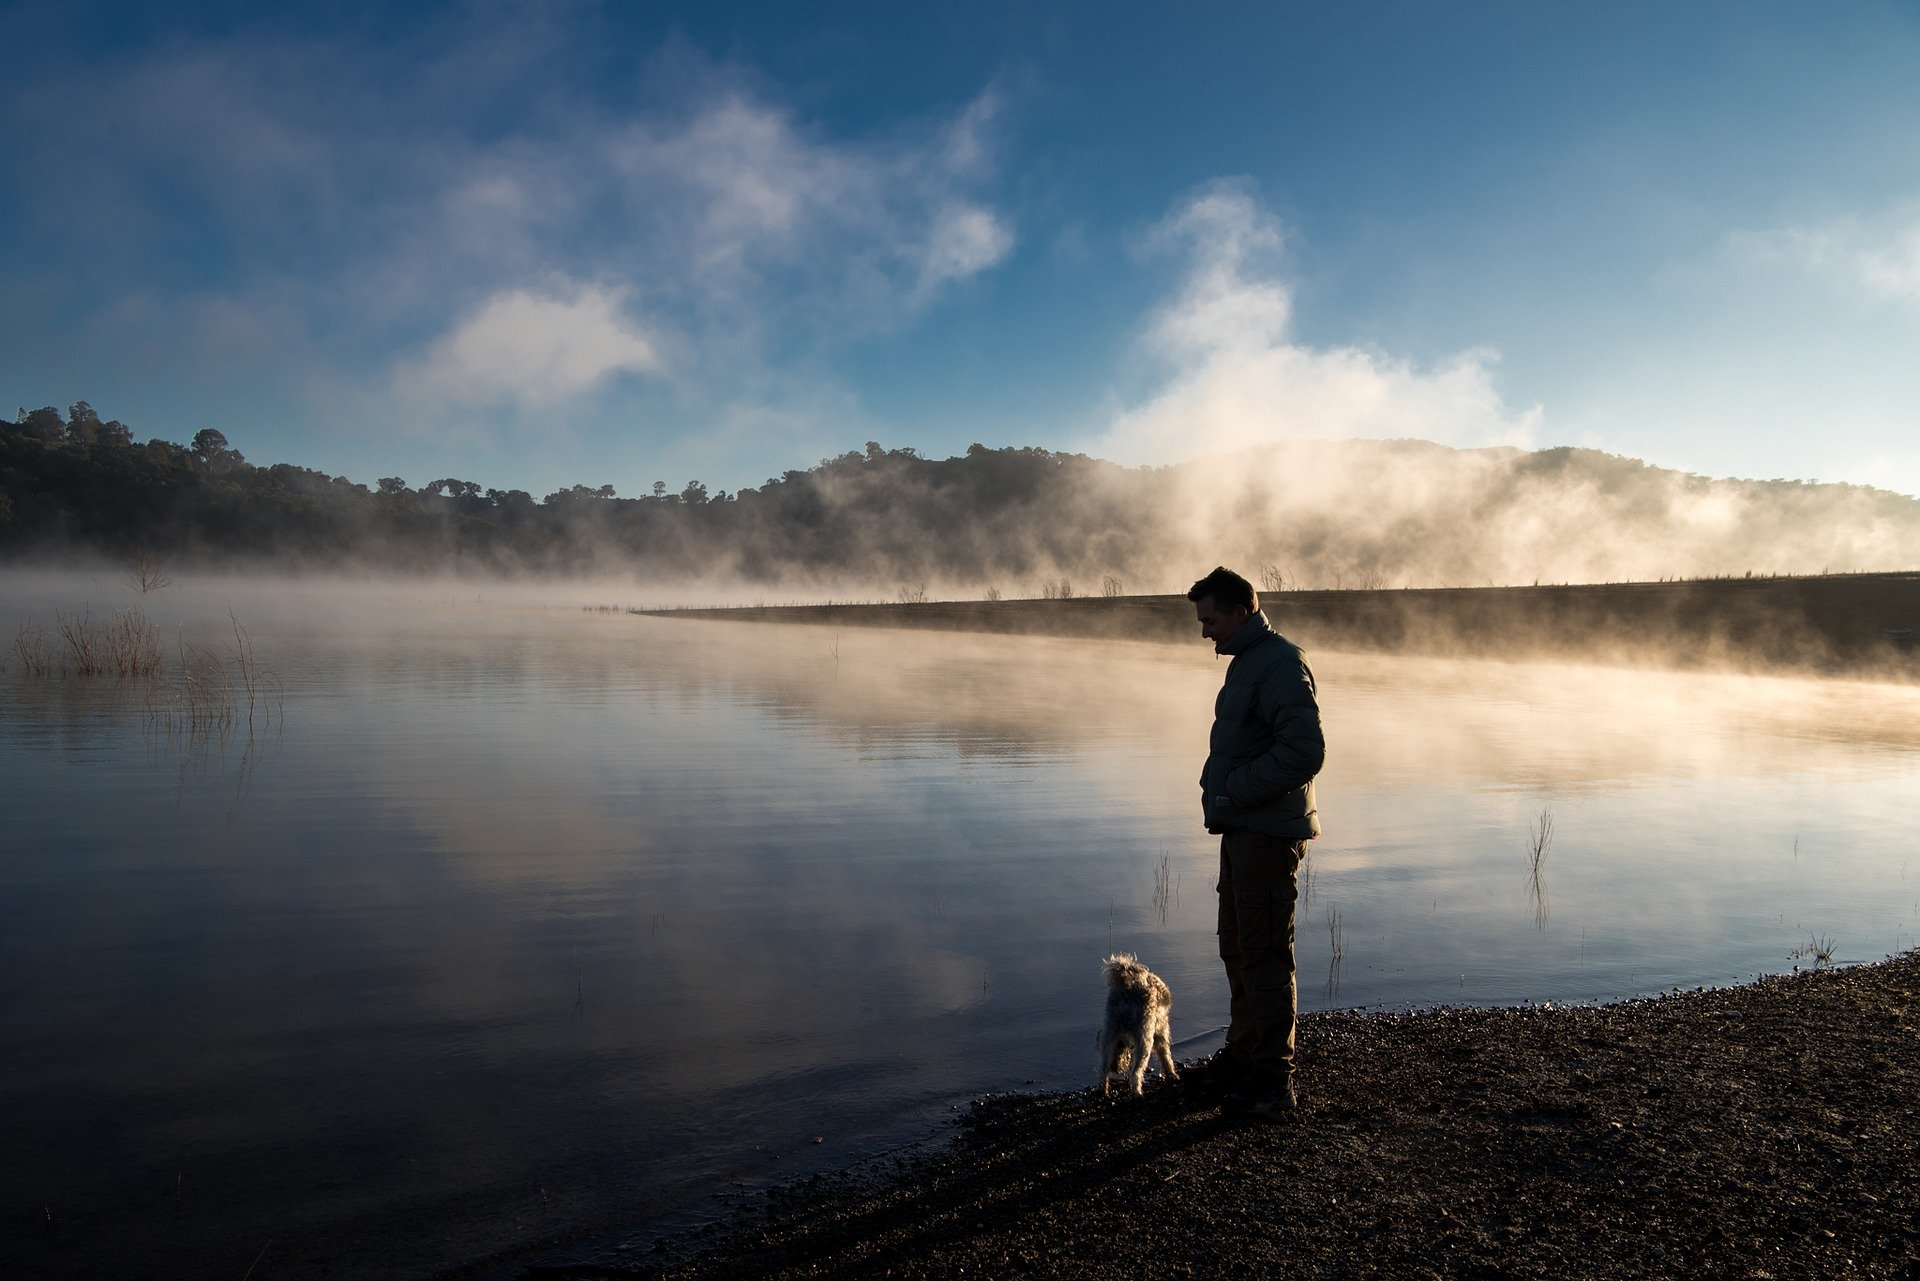 湖畔の男性と犬